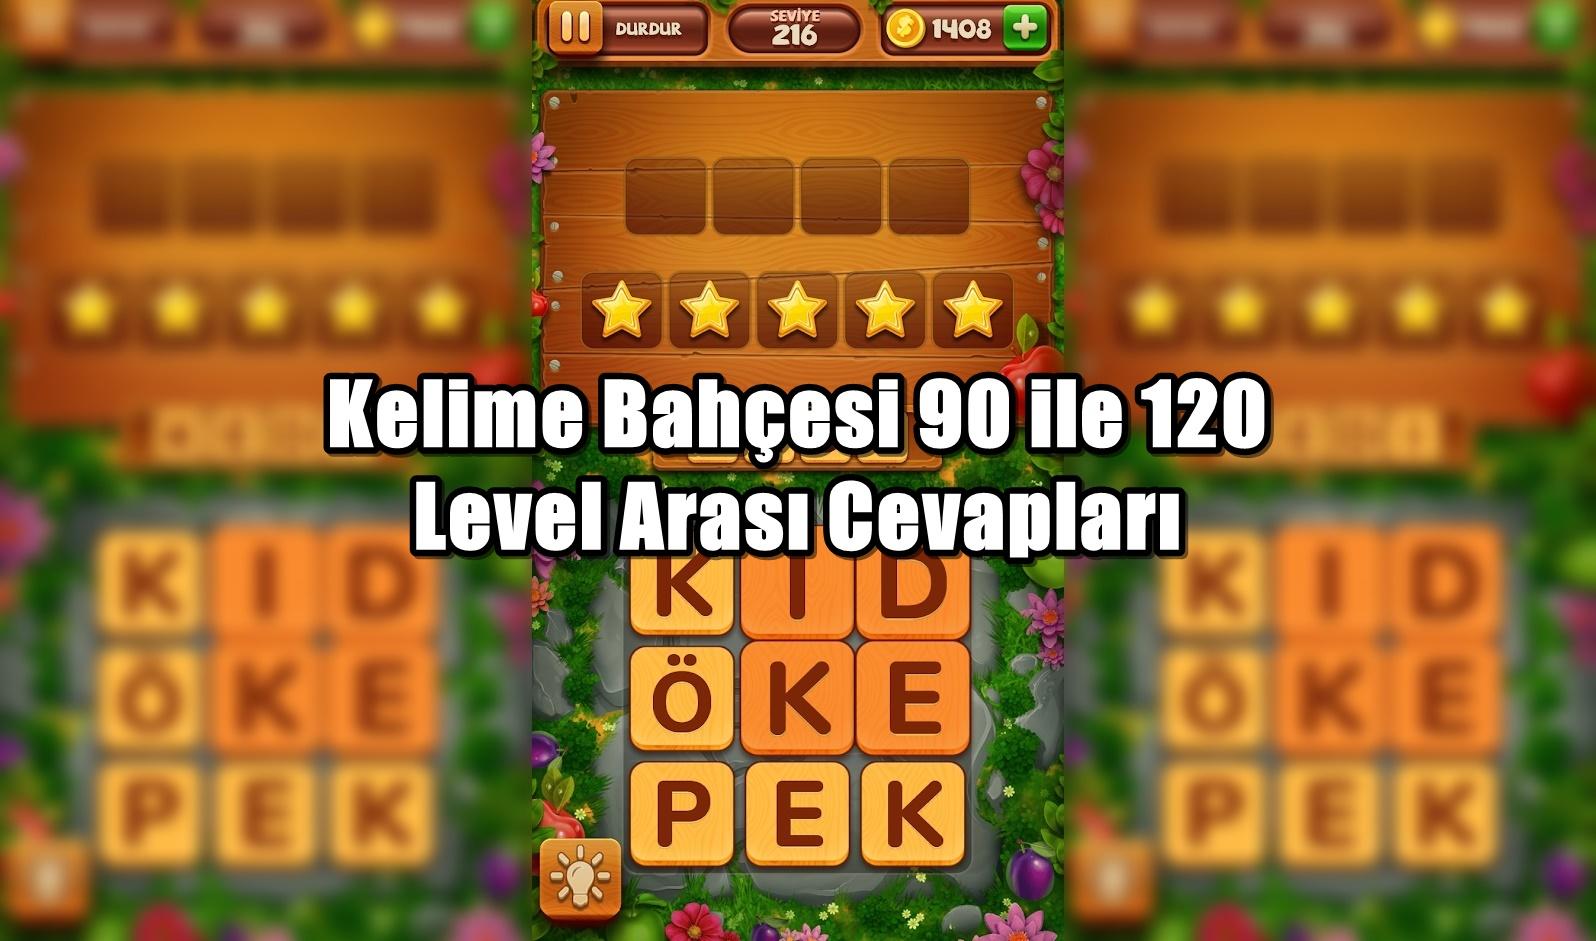 Kelime Bahcesi 90 ile 120 Level Arasi Cevaplari